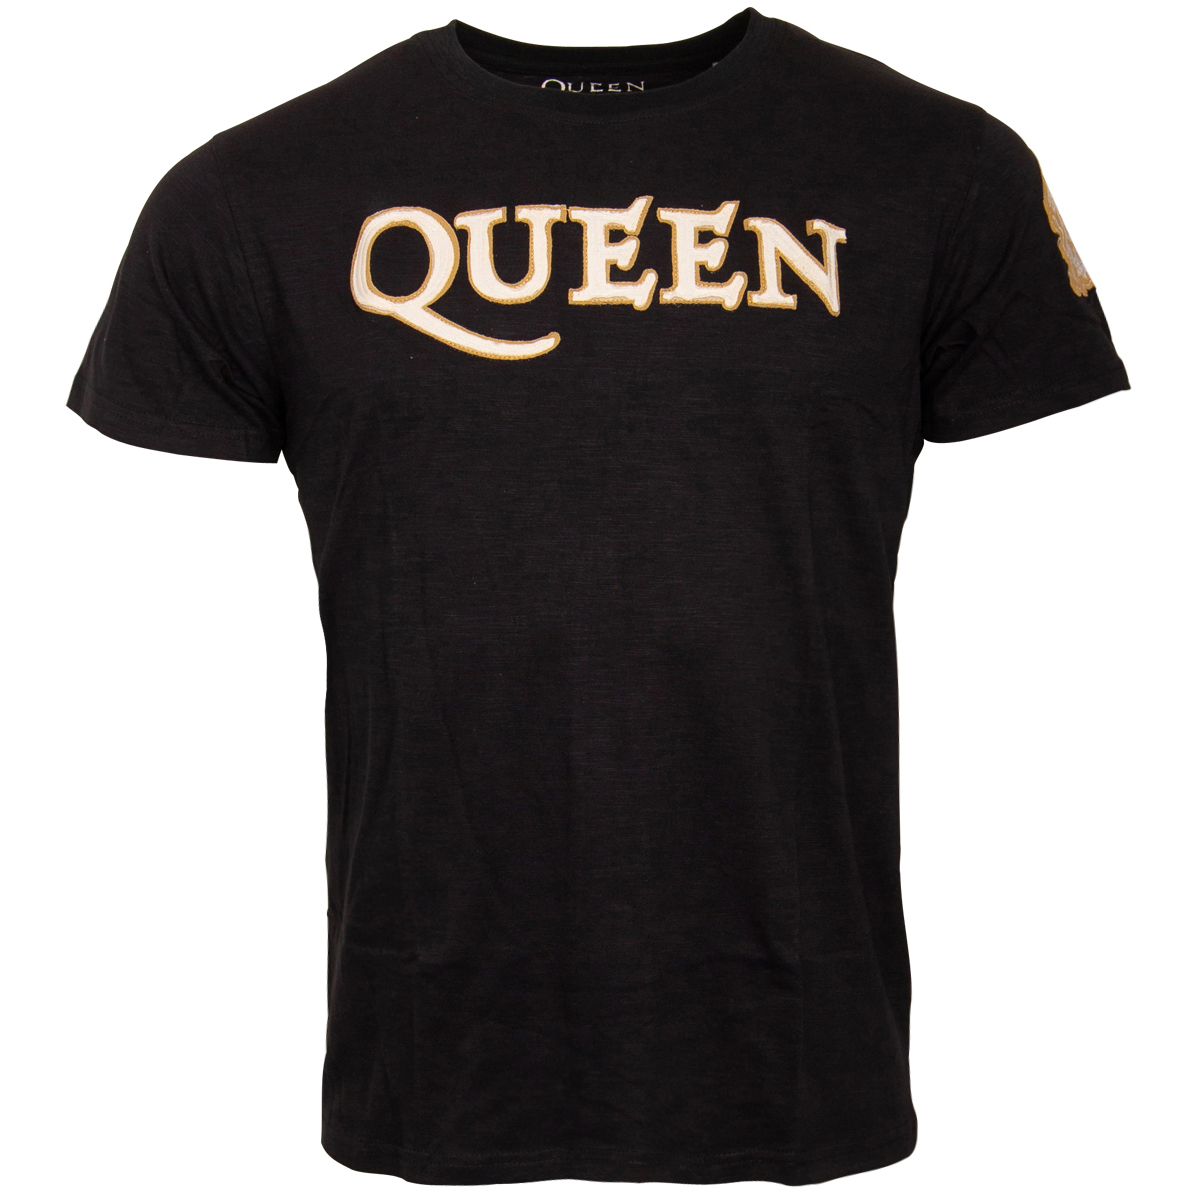 Queen - T-Shirt Logo & Crest - dunkelblau